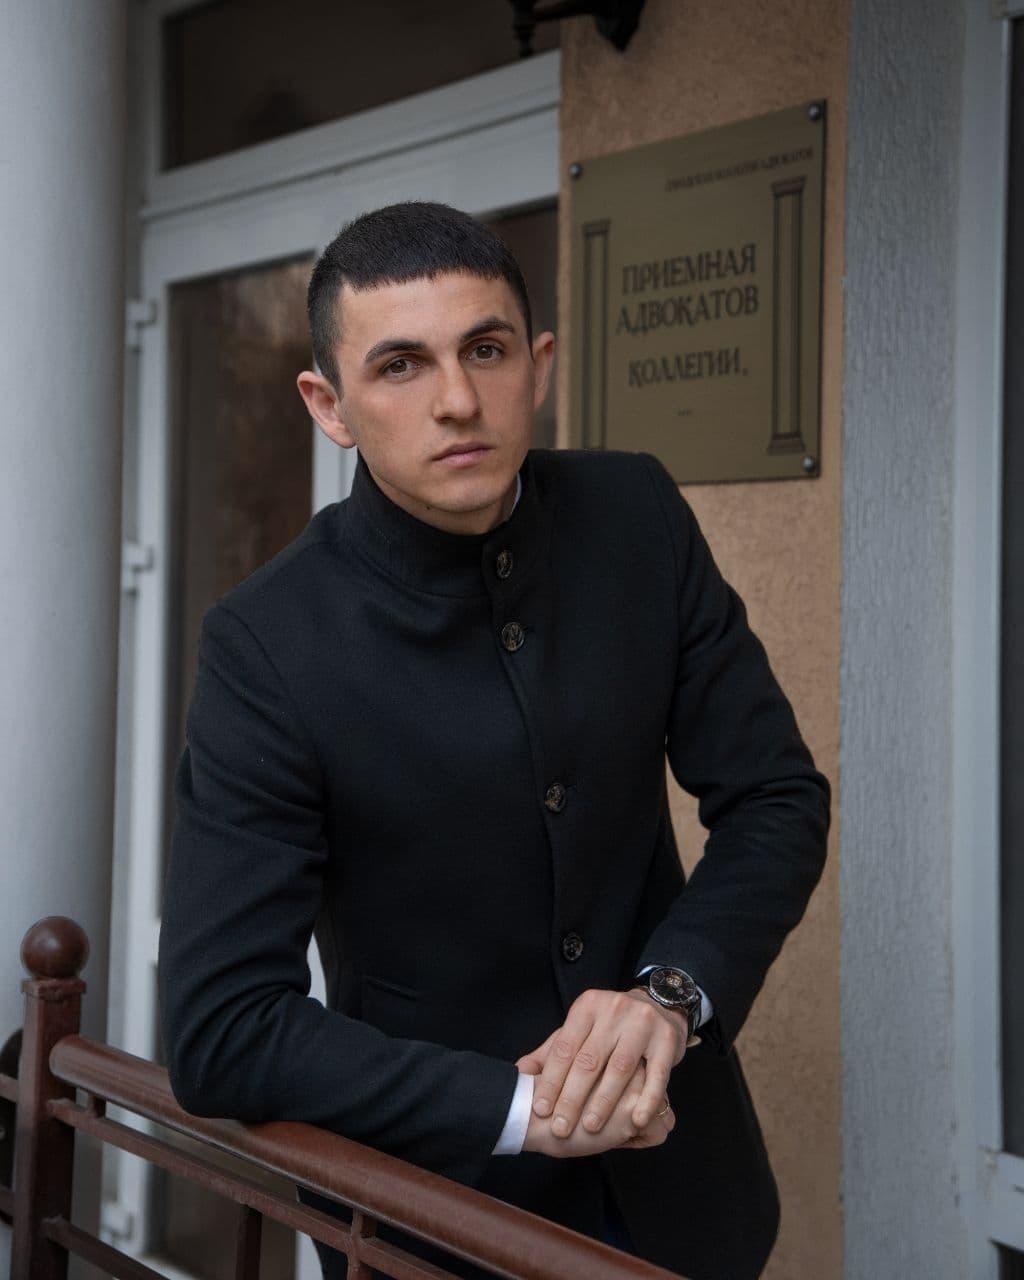 Гусейнов ильхом. адвокат в Симферополе, в Севастополе и по Республике Крым